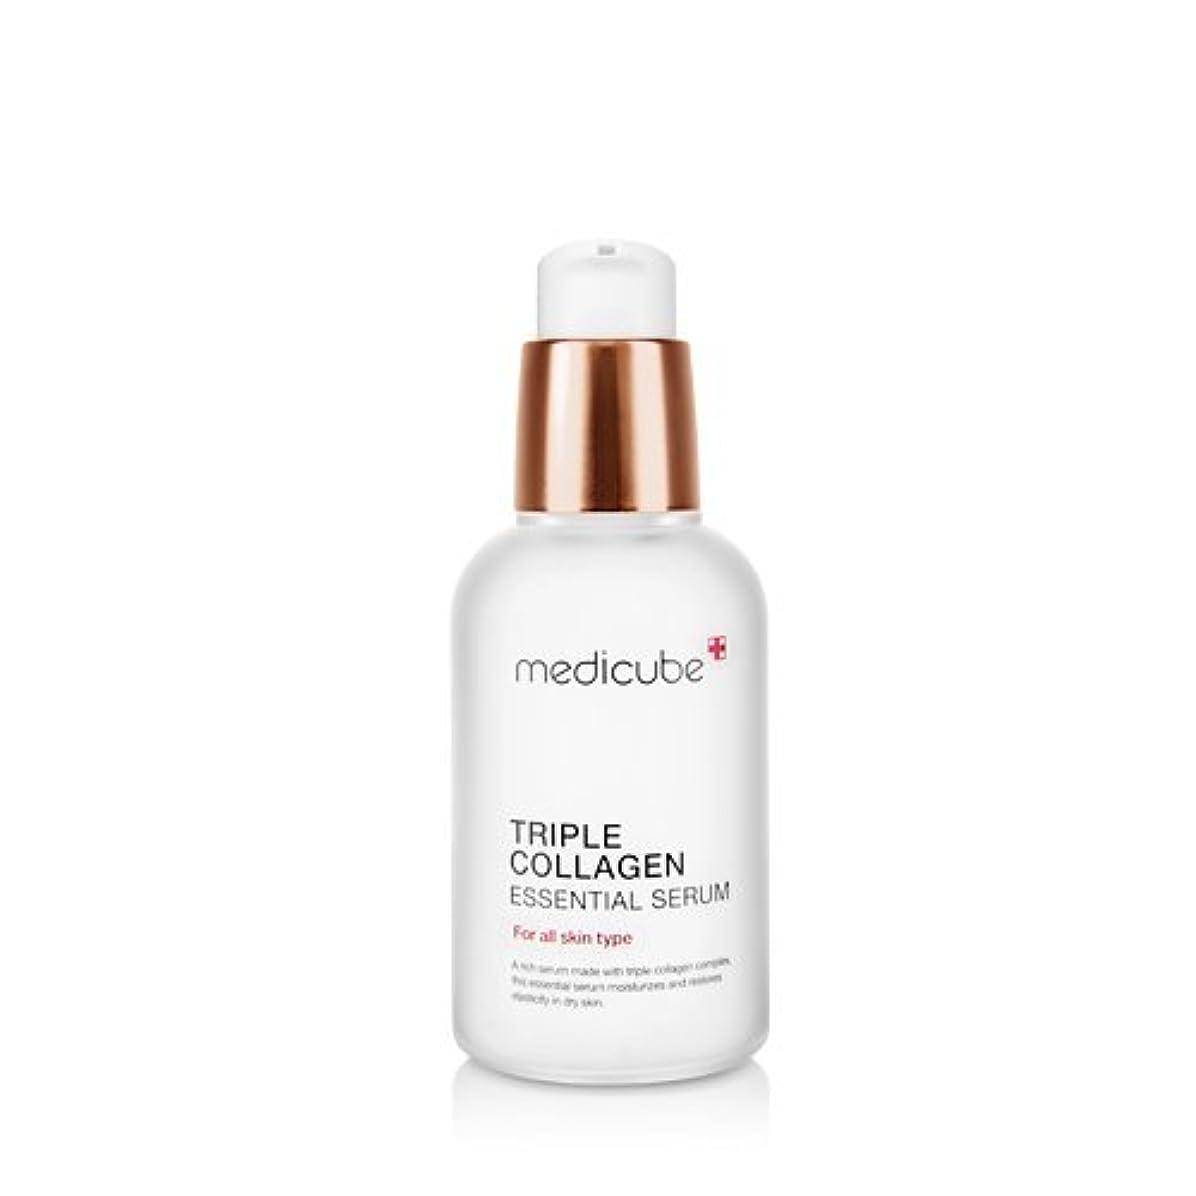 悲観的週間重々しいmedicube Triple Collagen Essential Serum 50ml/メディキューブ トリプル コラーゲン エッセンシャル セラム 50ml [並行輸入品]